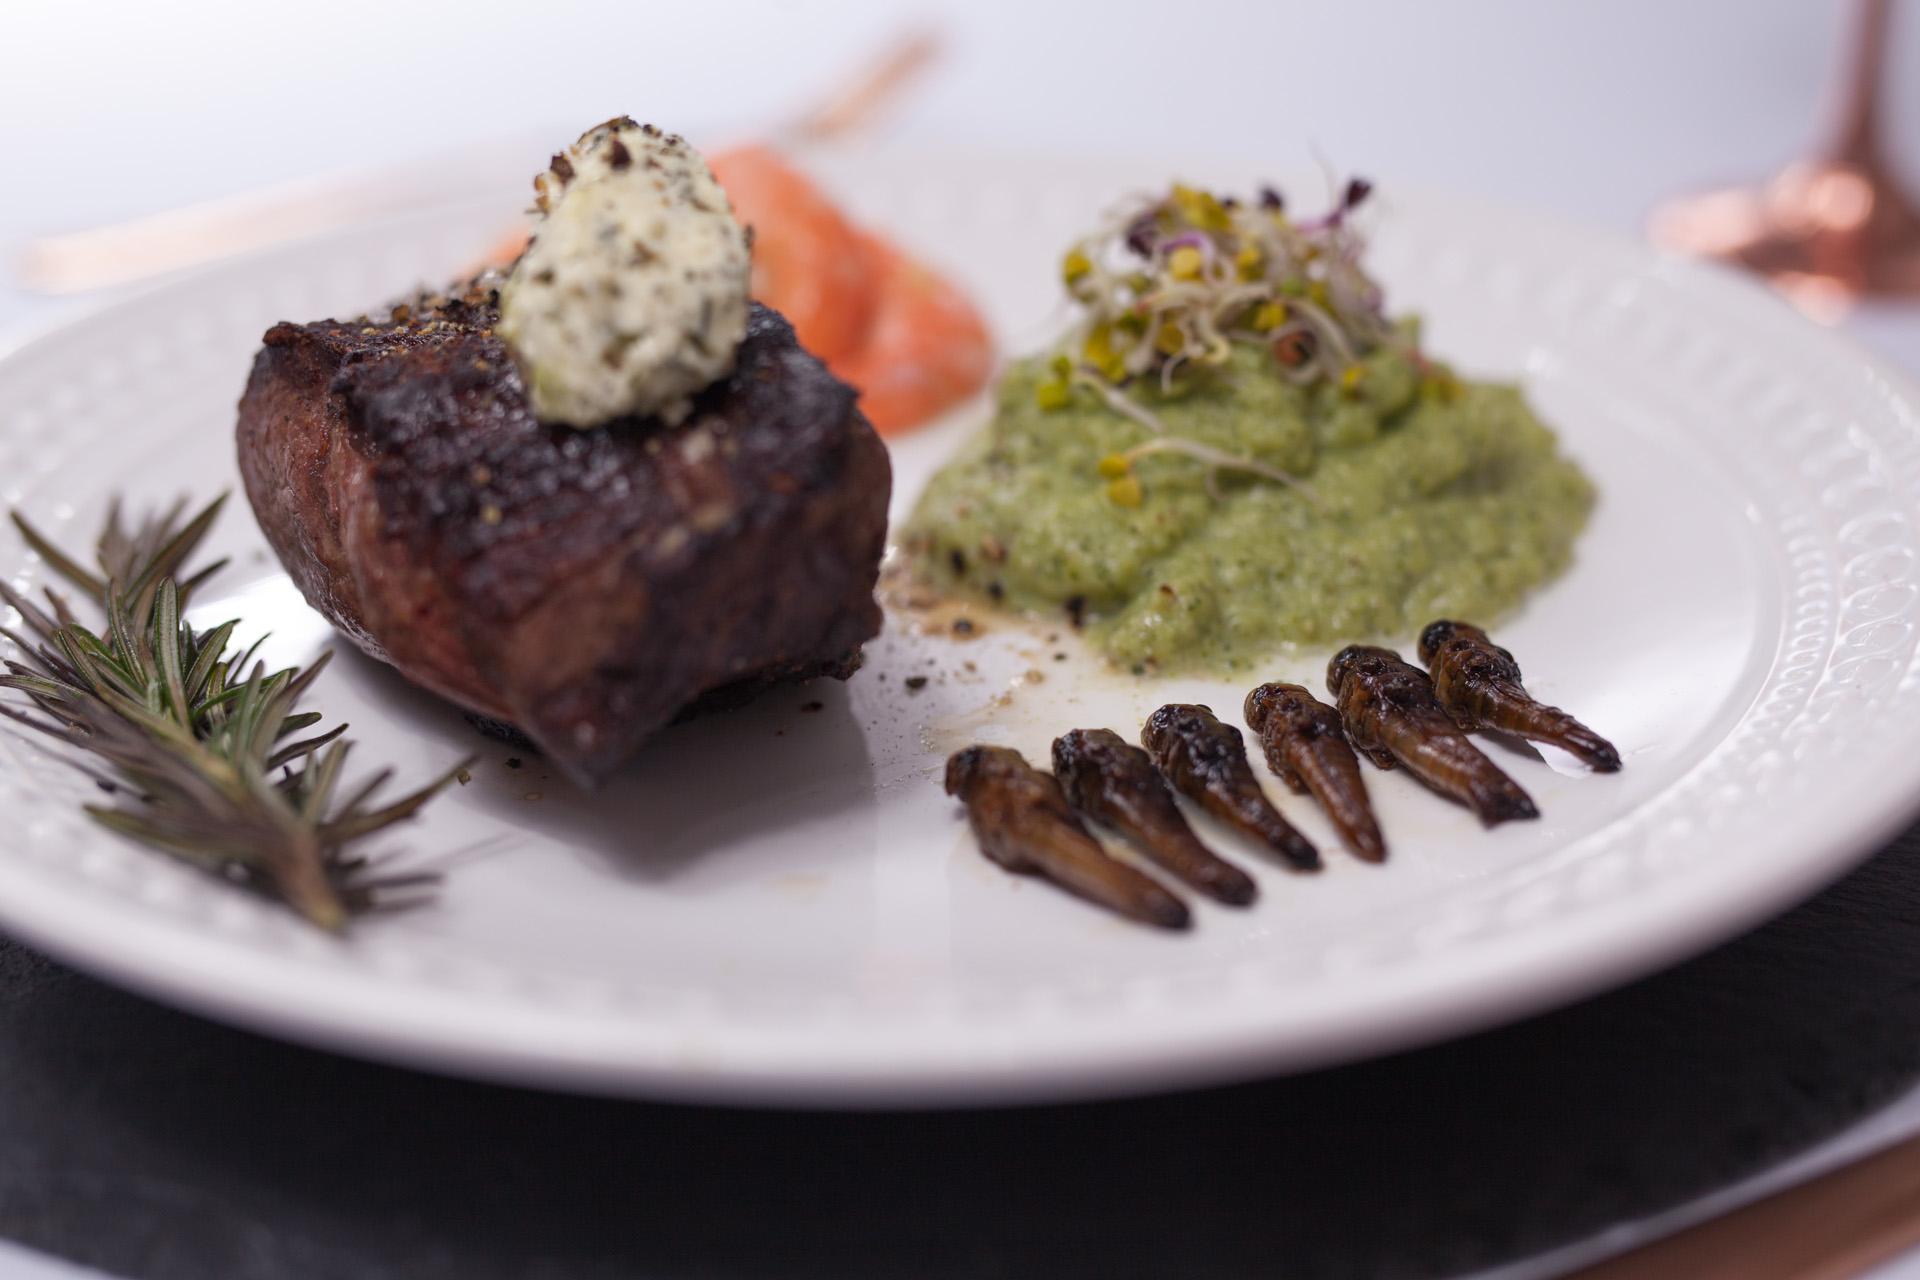 Steakgericht mit Rindersteak, Riesengarnelen, Wanderheuschrecken und Brokkoli-Stampf.